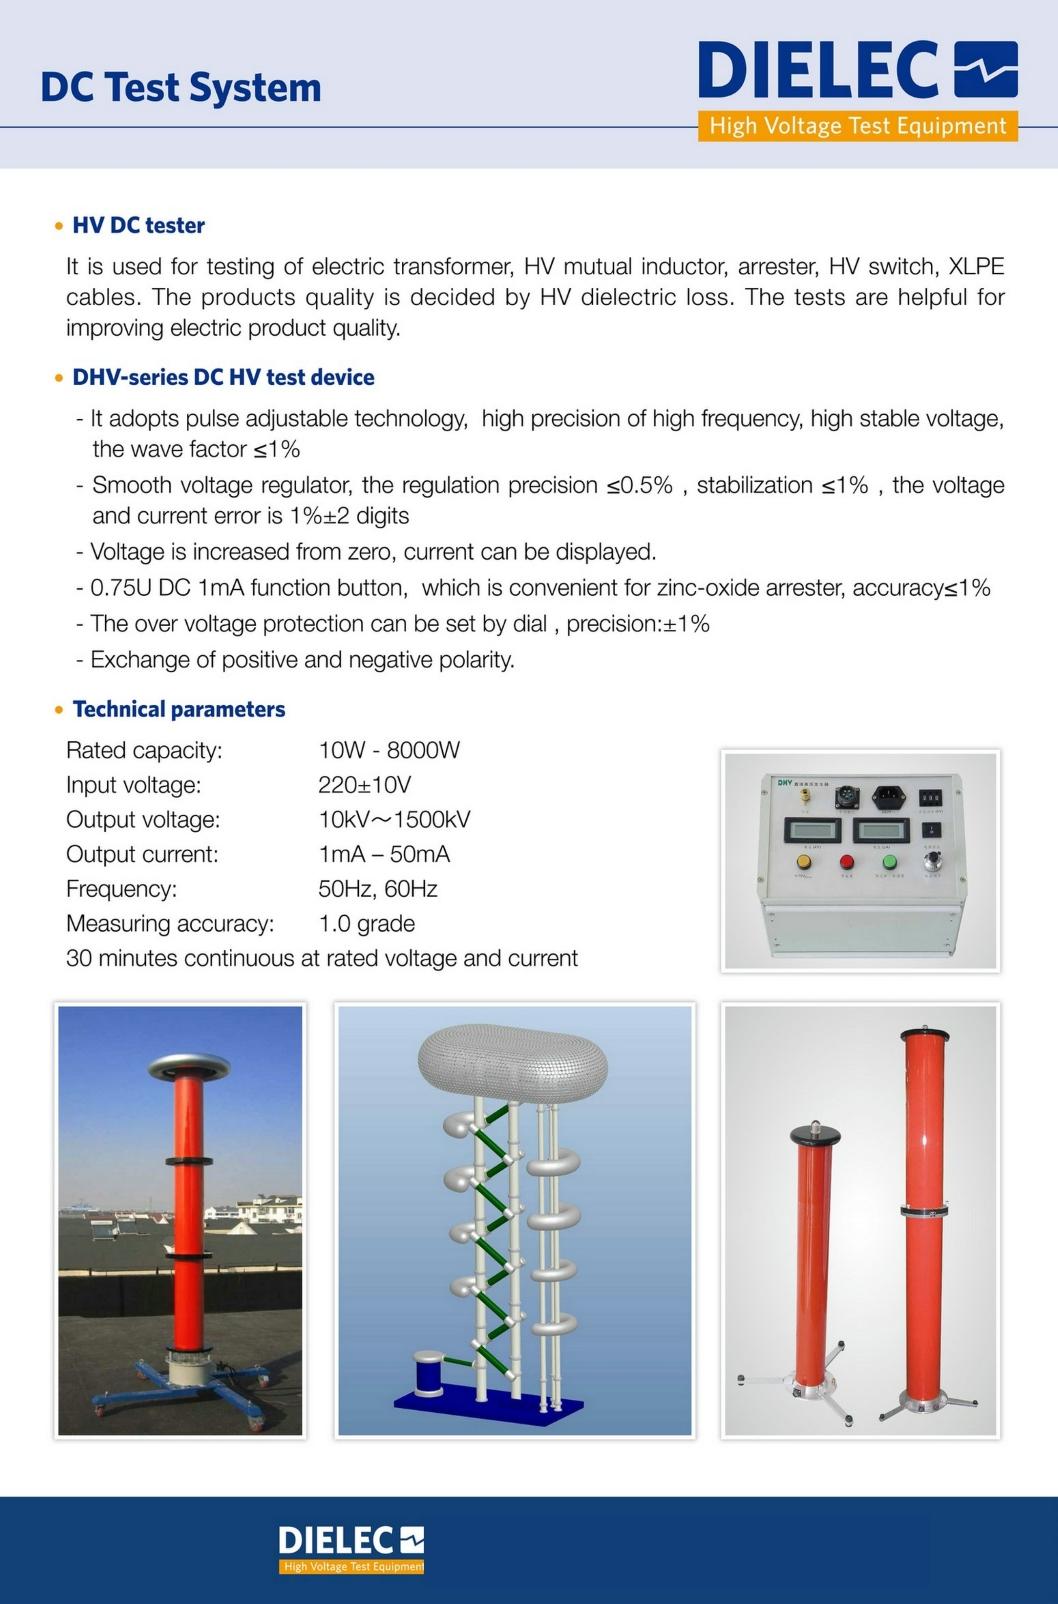 Dielec - Brochure - DC Test System